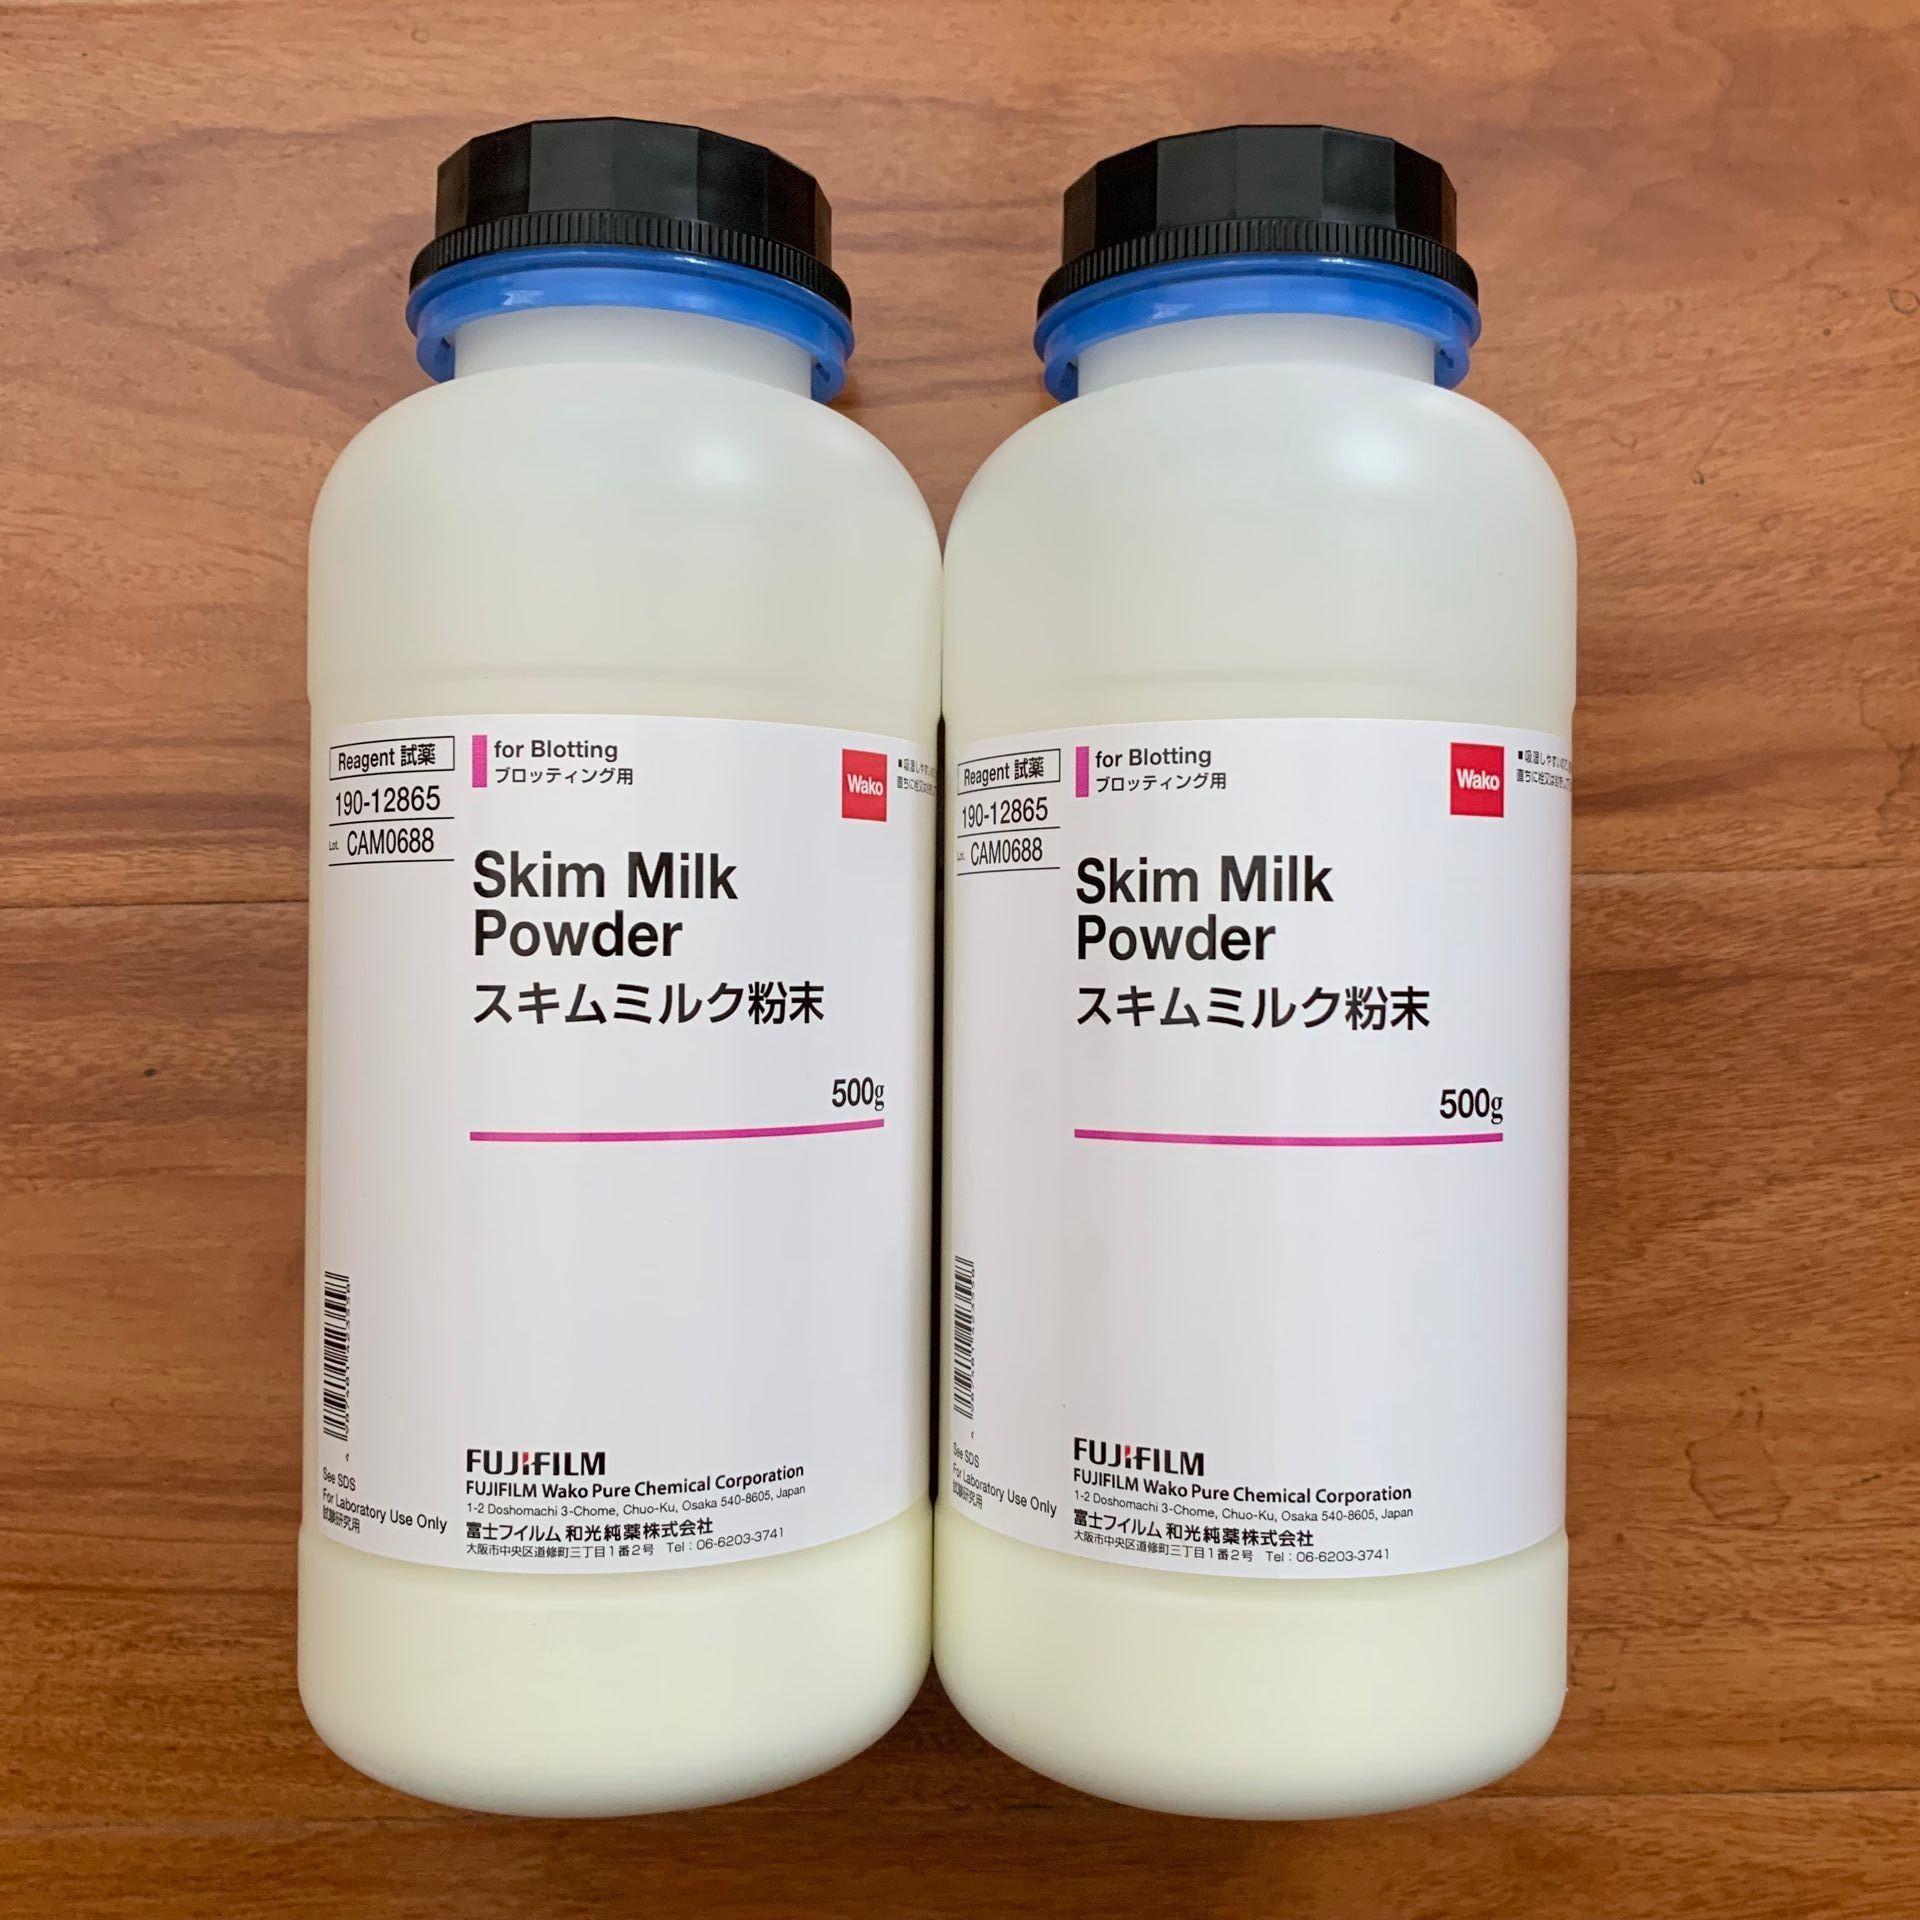 脱脂奶粉Skim Milk Powder